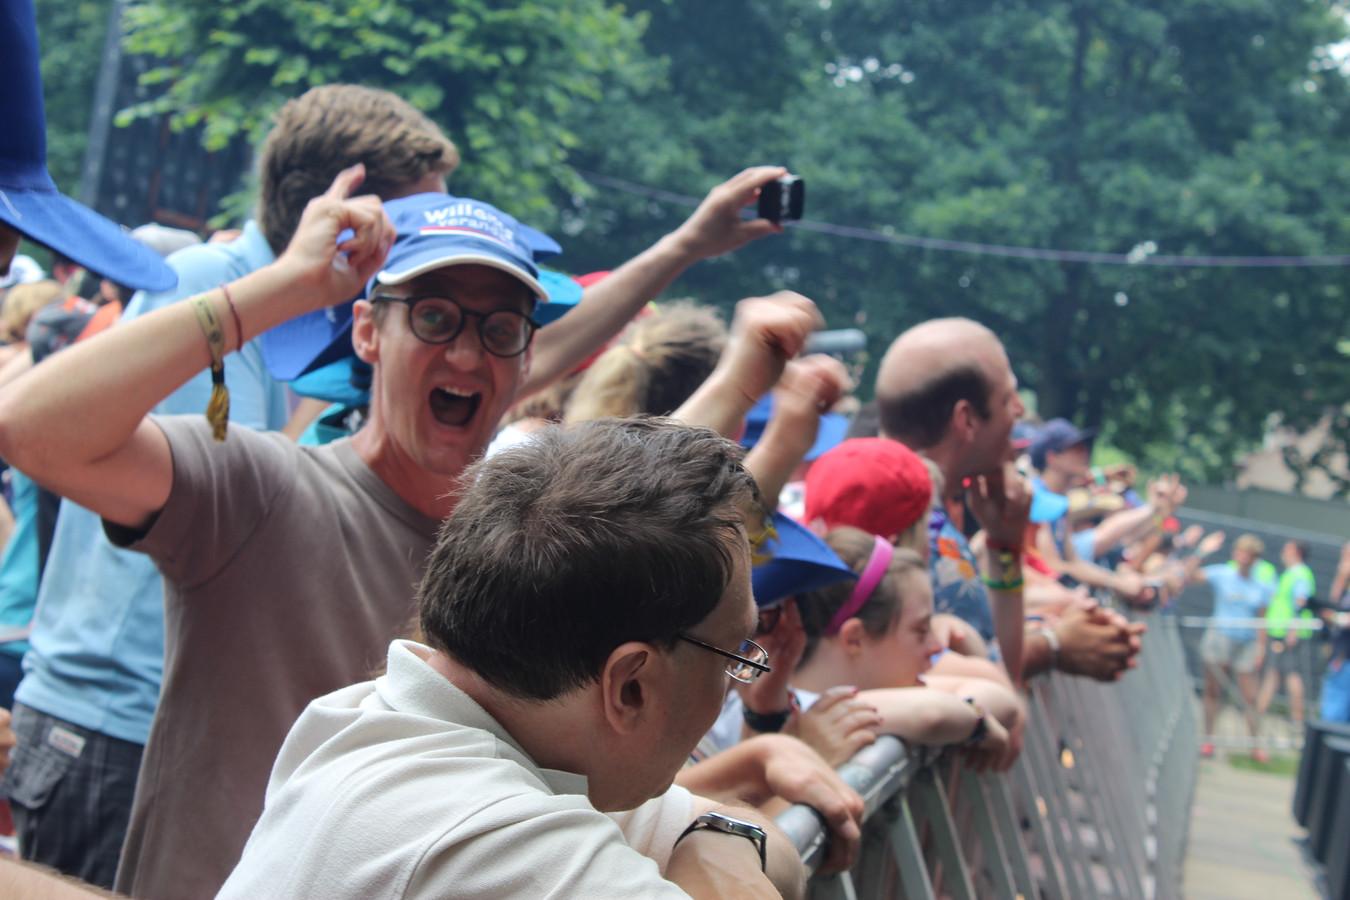 Op de eerste rij stonden de grootste enthousiastelingen.